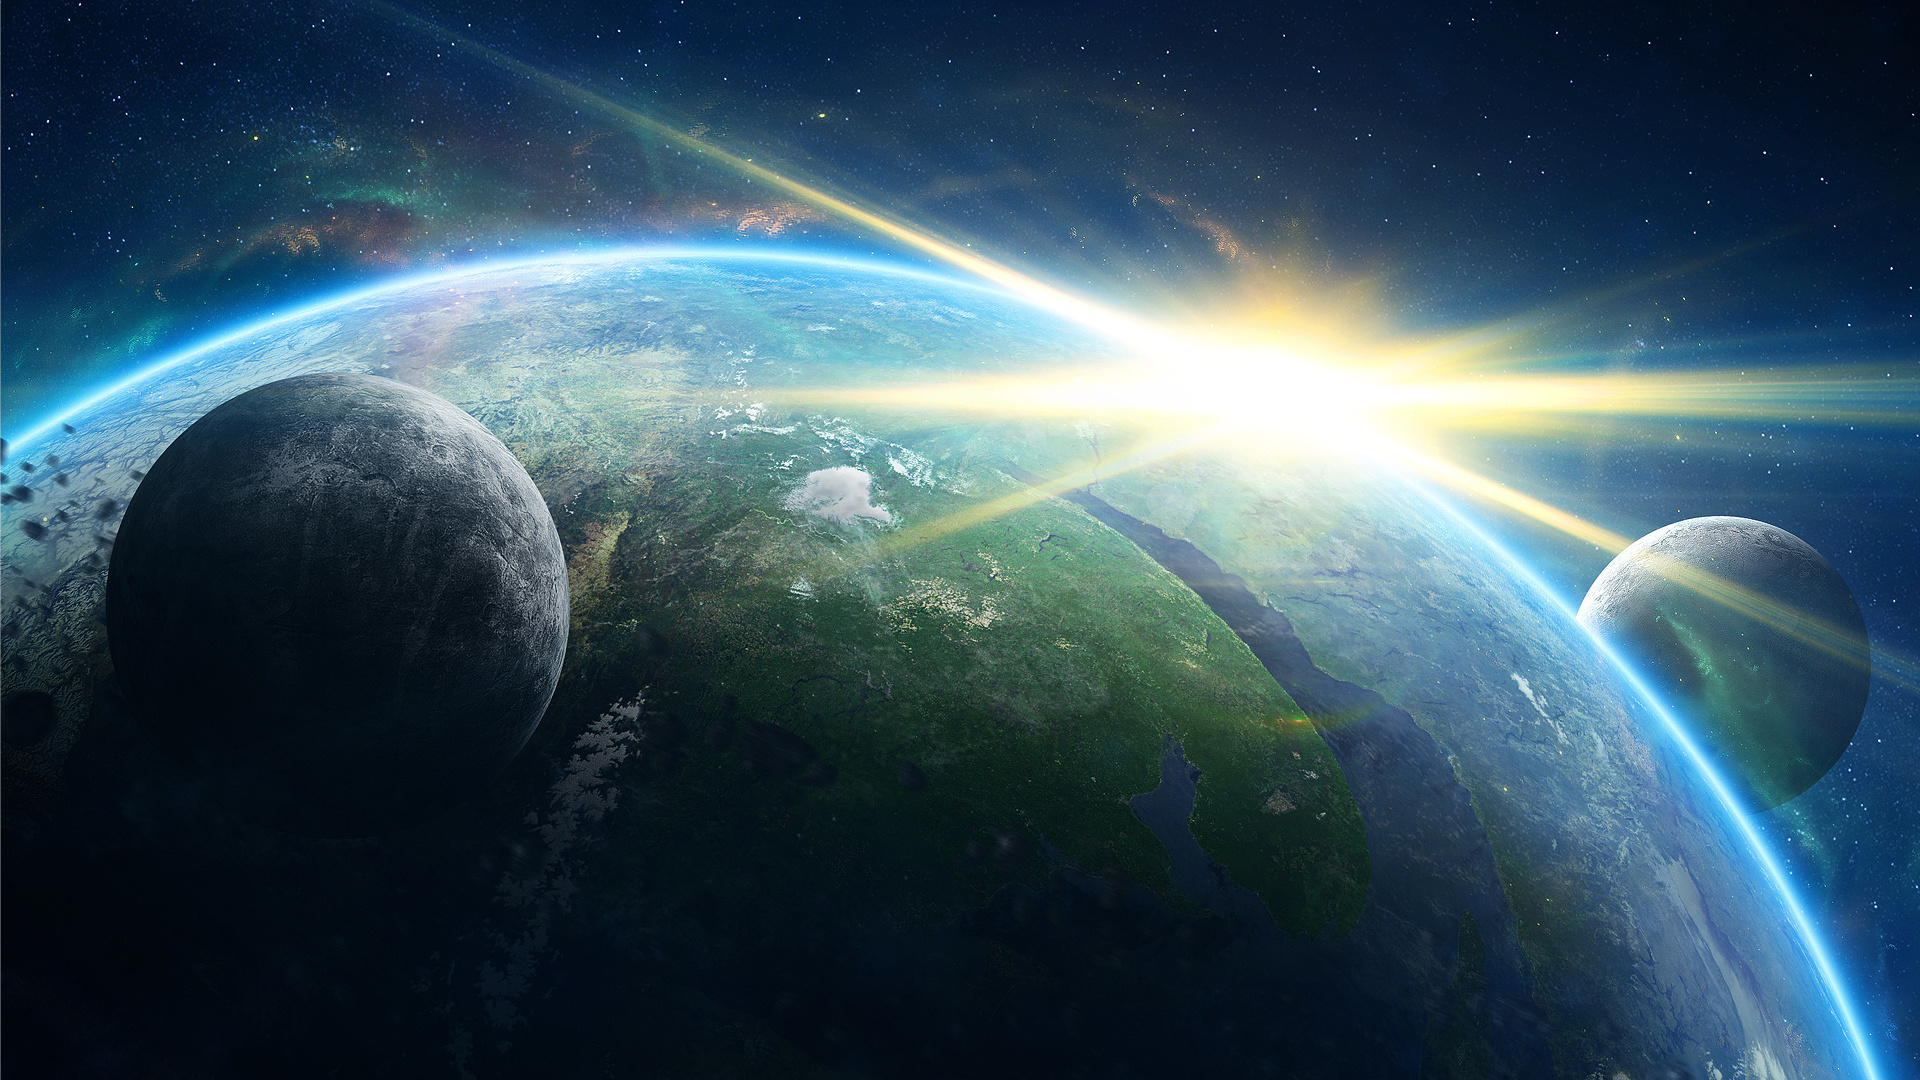 картинка планета земля на фоне космоса носят одежде, прикалывают